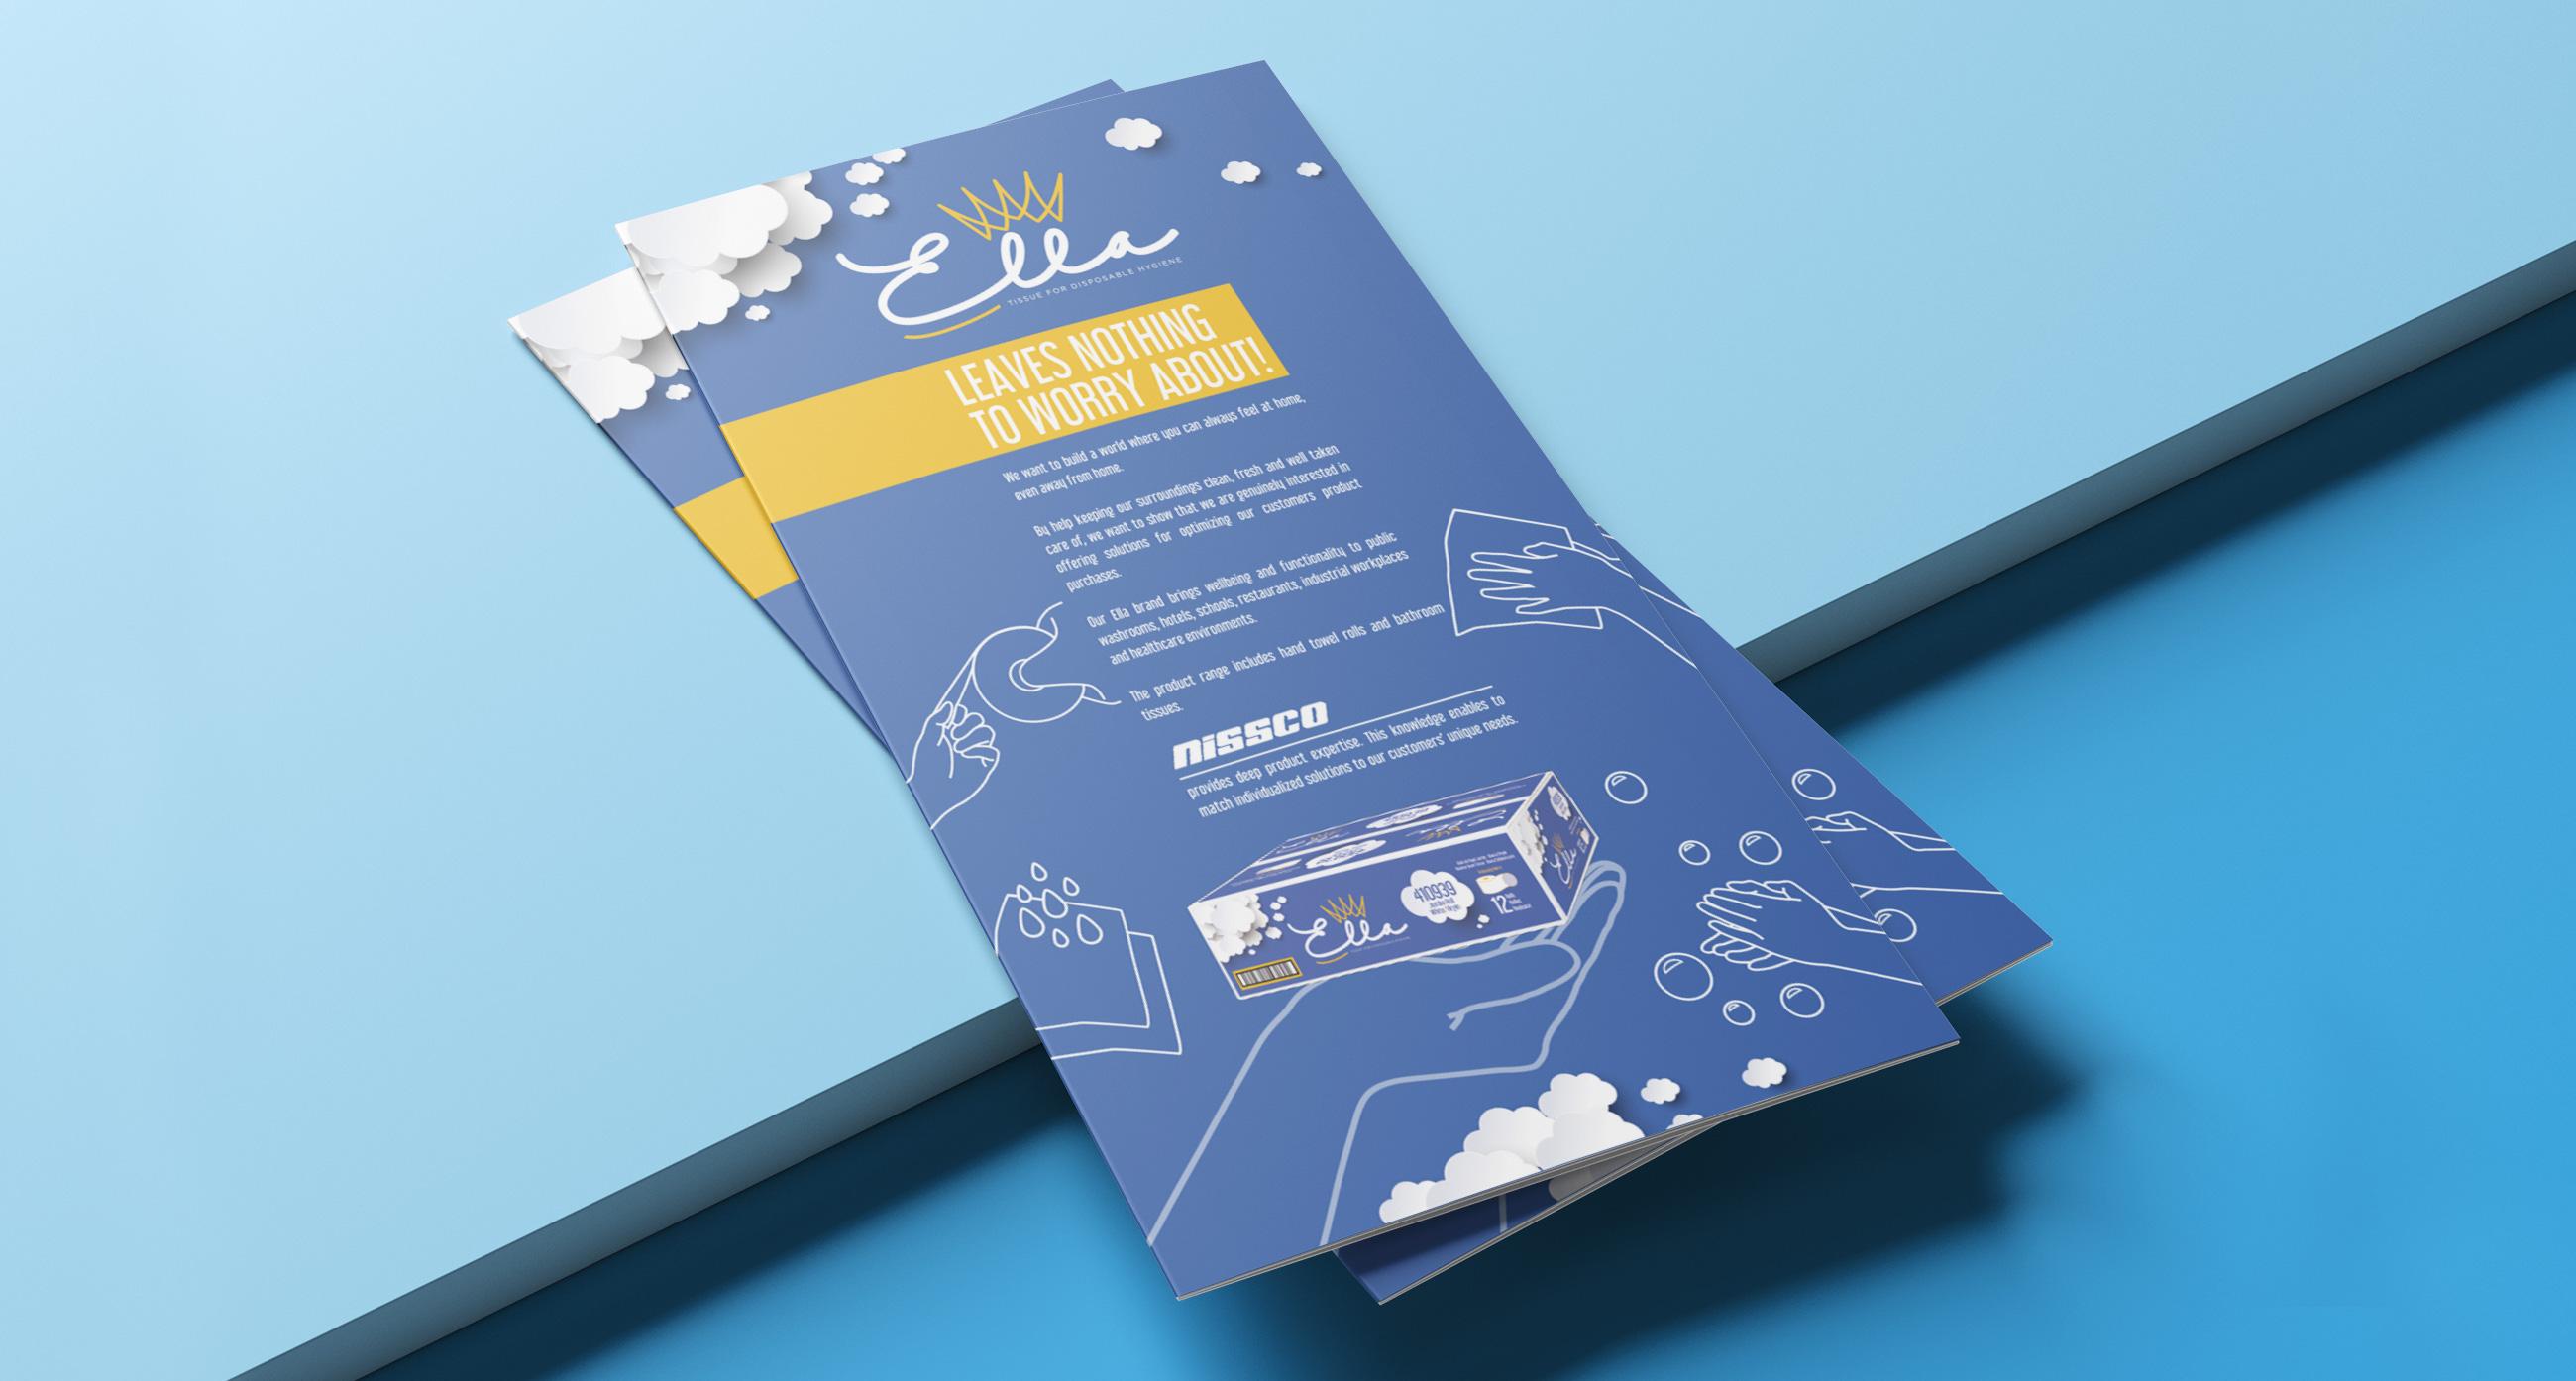 Nissco design flyer prodotto